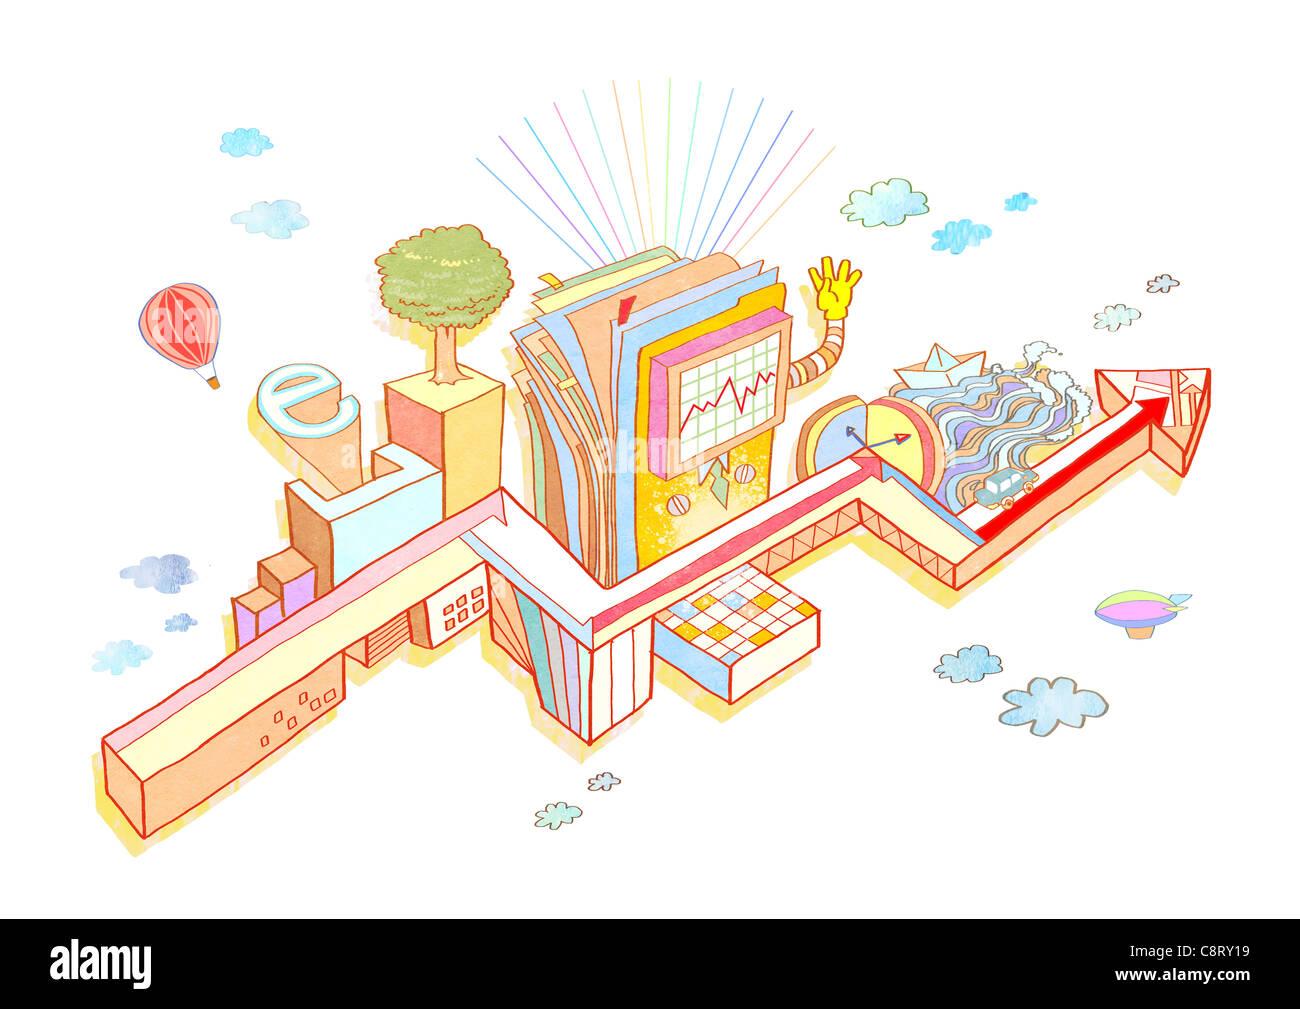 Illustrazione del mazzo di carte e un grafico a linee sul display Immagini Stock